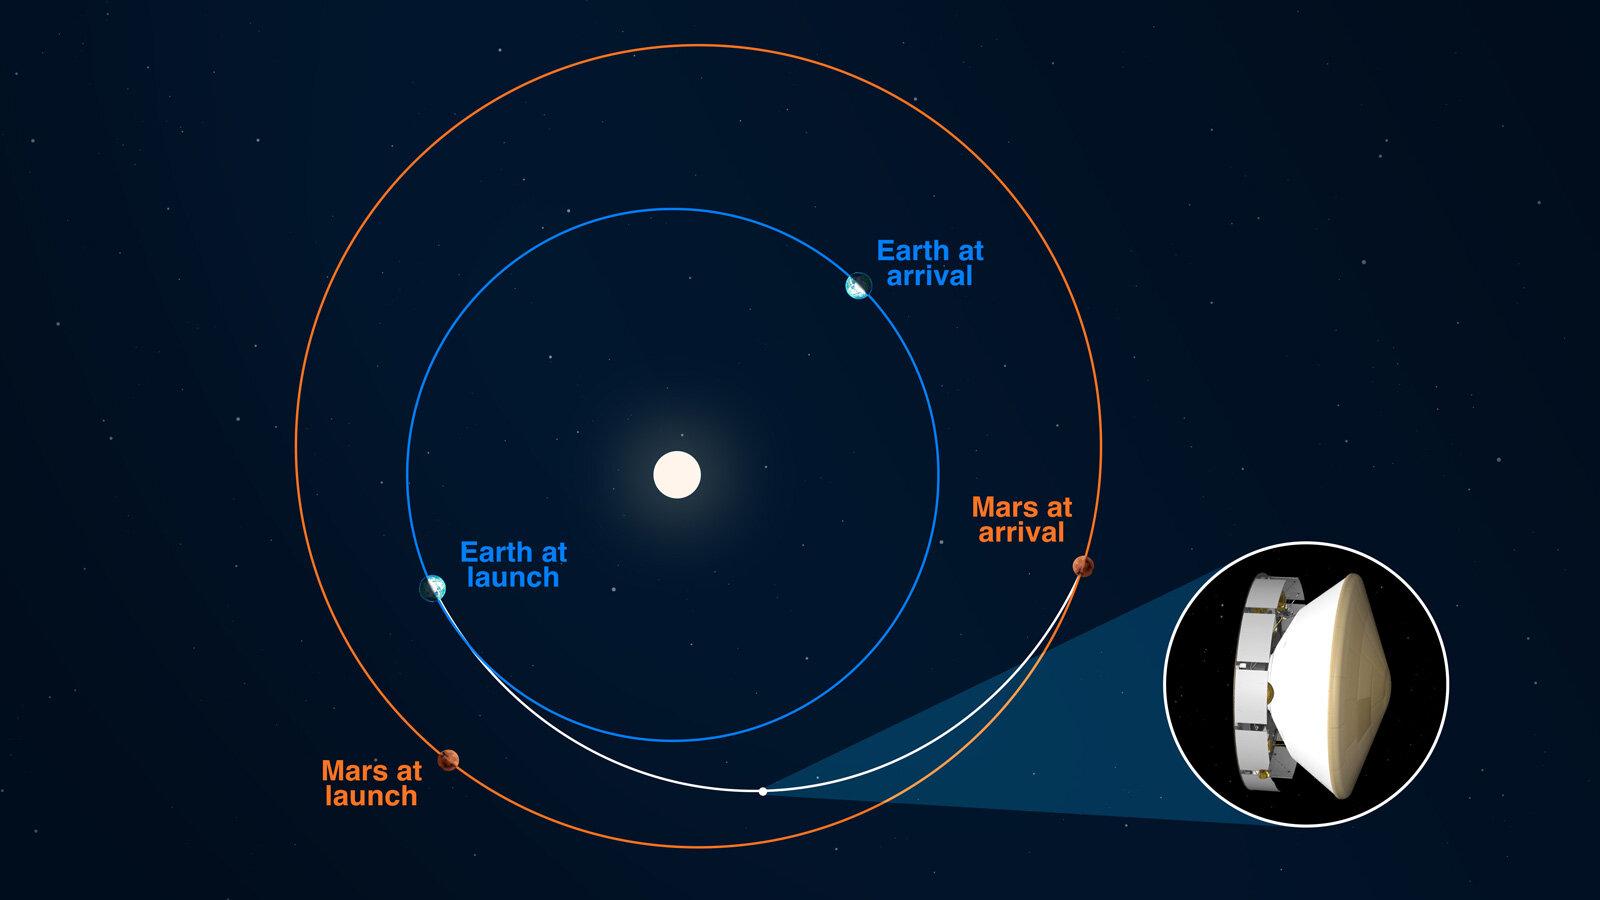 2020年7月30日從地球出發的火星探測車毅力號已經飛行了2億3,540萬公里,剛好是全程的一半。(NASA/JPL-Caltech)